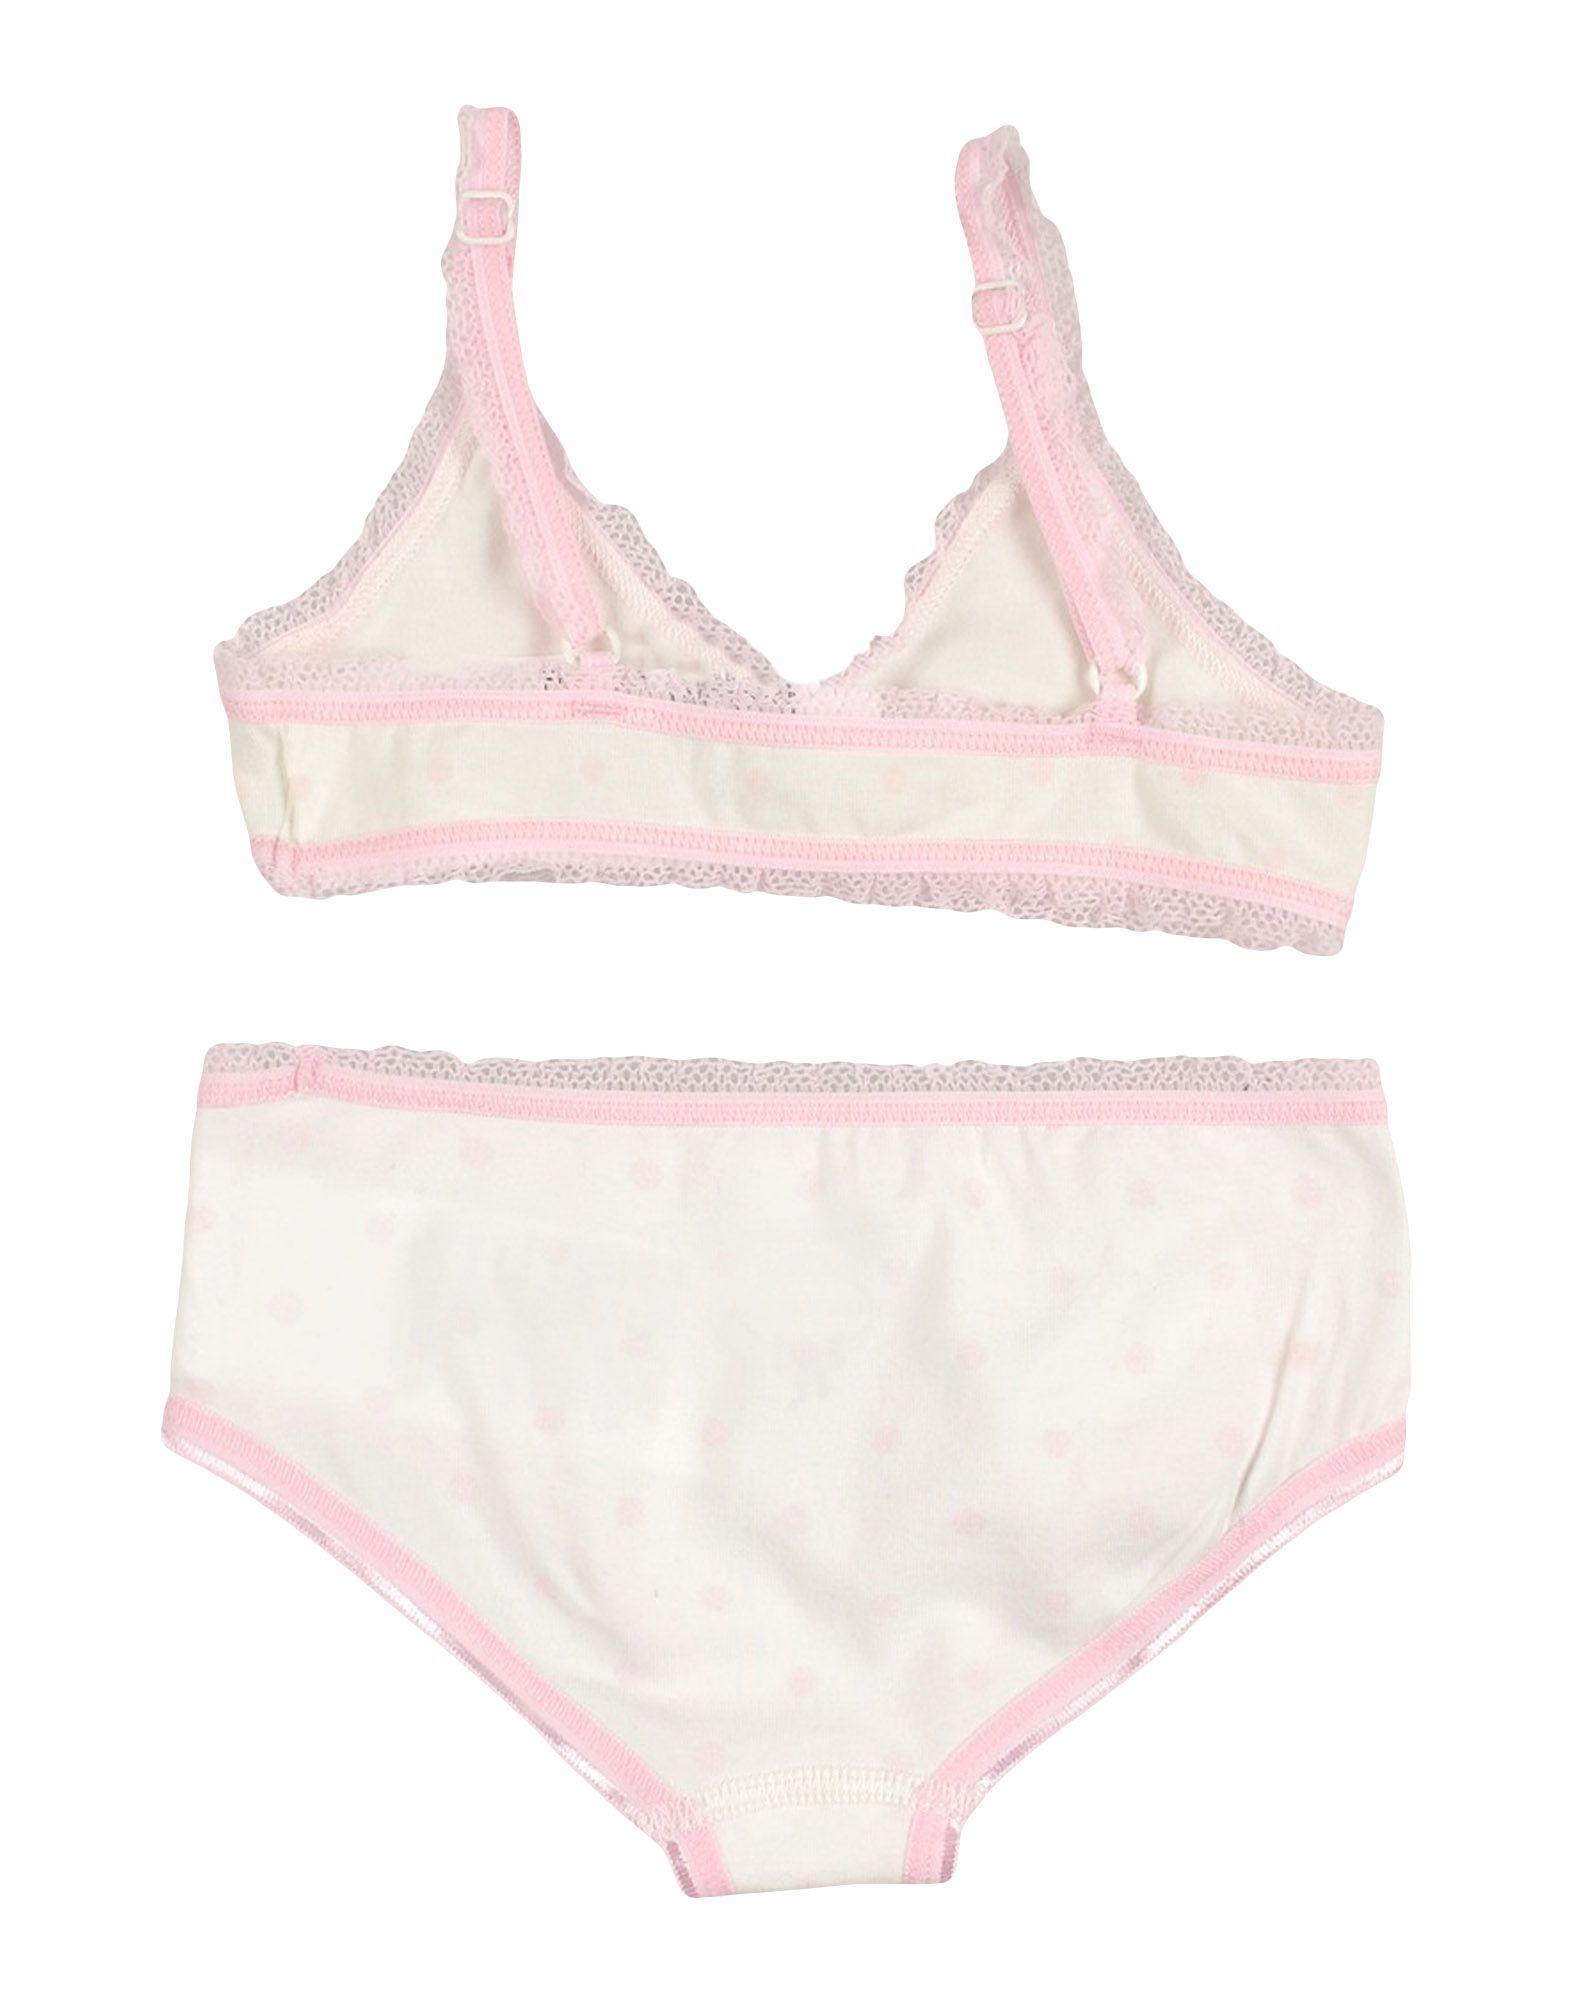 MONNALISA Underwear sets